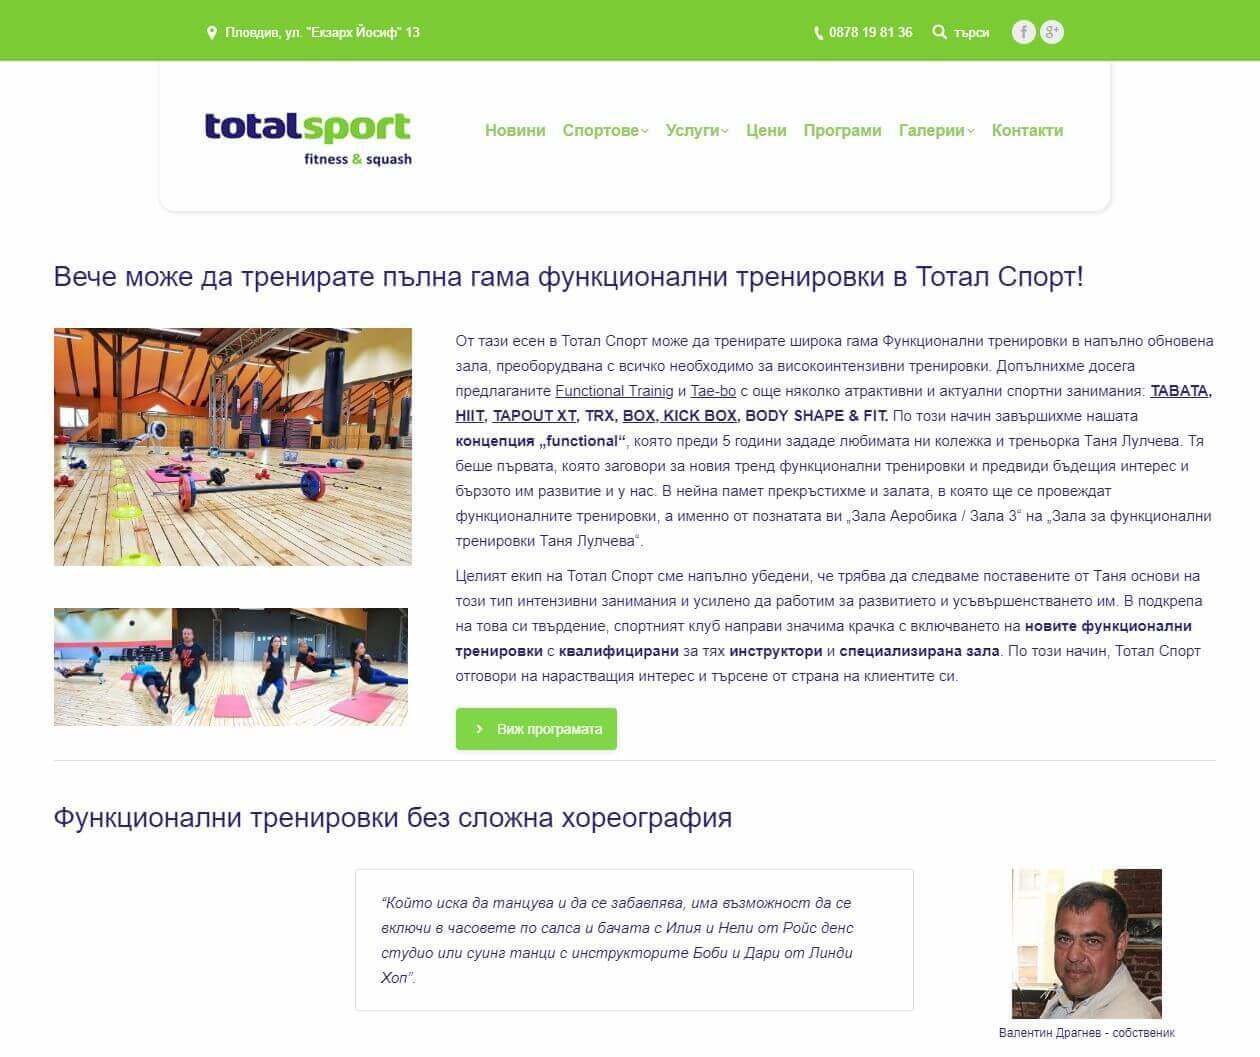 Оригинален дизайн и уникално съдържание - уеб сайт Тотал Спорт